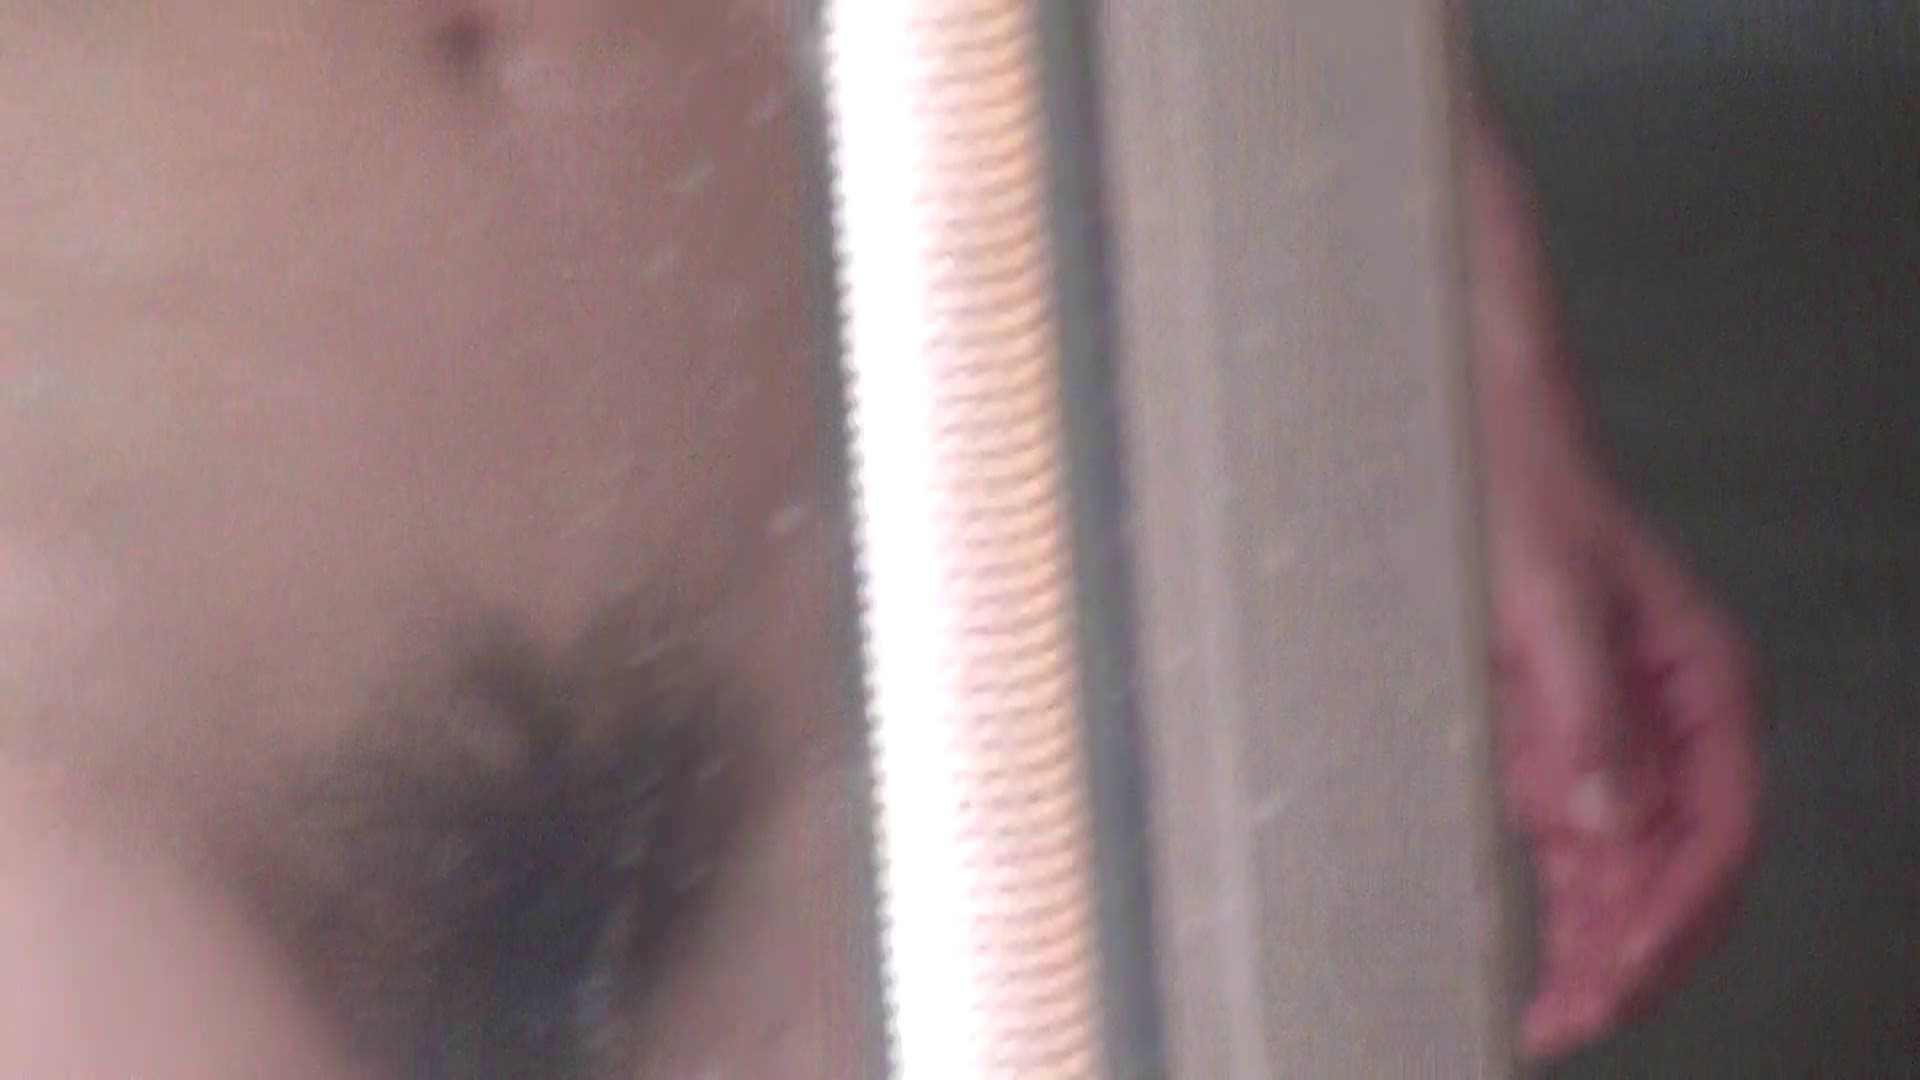 Vol.76 吸われ続けた乳首に年齢を感じますが、引き締まった身体 いろんな乳首 アダルト動画キャプチャ 86枚 29